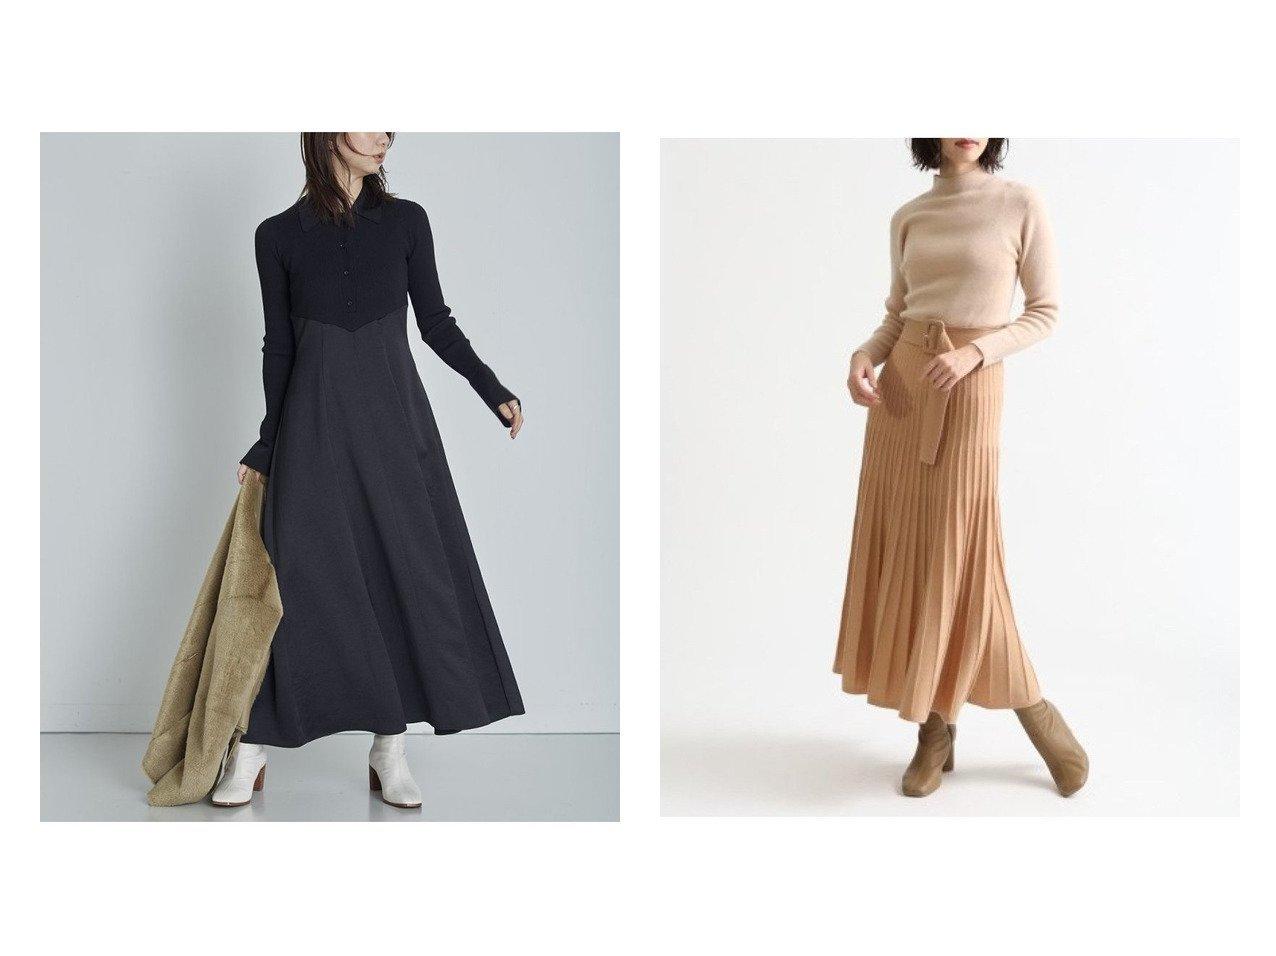 【FRAY I.D/フレイ アイディー】のポロカラーニットコンビワンピ&ウールカシミアバイカラーワンピ ワンピース・ドレスのおすすめ!人気、レディースファッションの通販  おすすめで人気のファッション通販商品 インテリア・家具・キッズファッション・メンズファッション・レディースファッション・服の通販 founy(ファニー) https://founy.com/ ファッション Fashion レディース WOMEN ワンピース Dress マキシワンピース Maxi Dress コンビ サテン ドッキング フィット マキシ ロング ヴィンテージ カシミア フレア プリーツ |ID:crp329100000003377